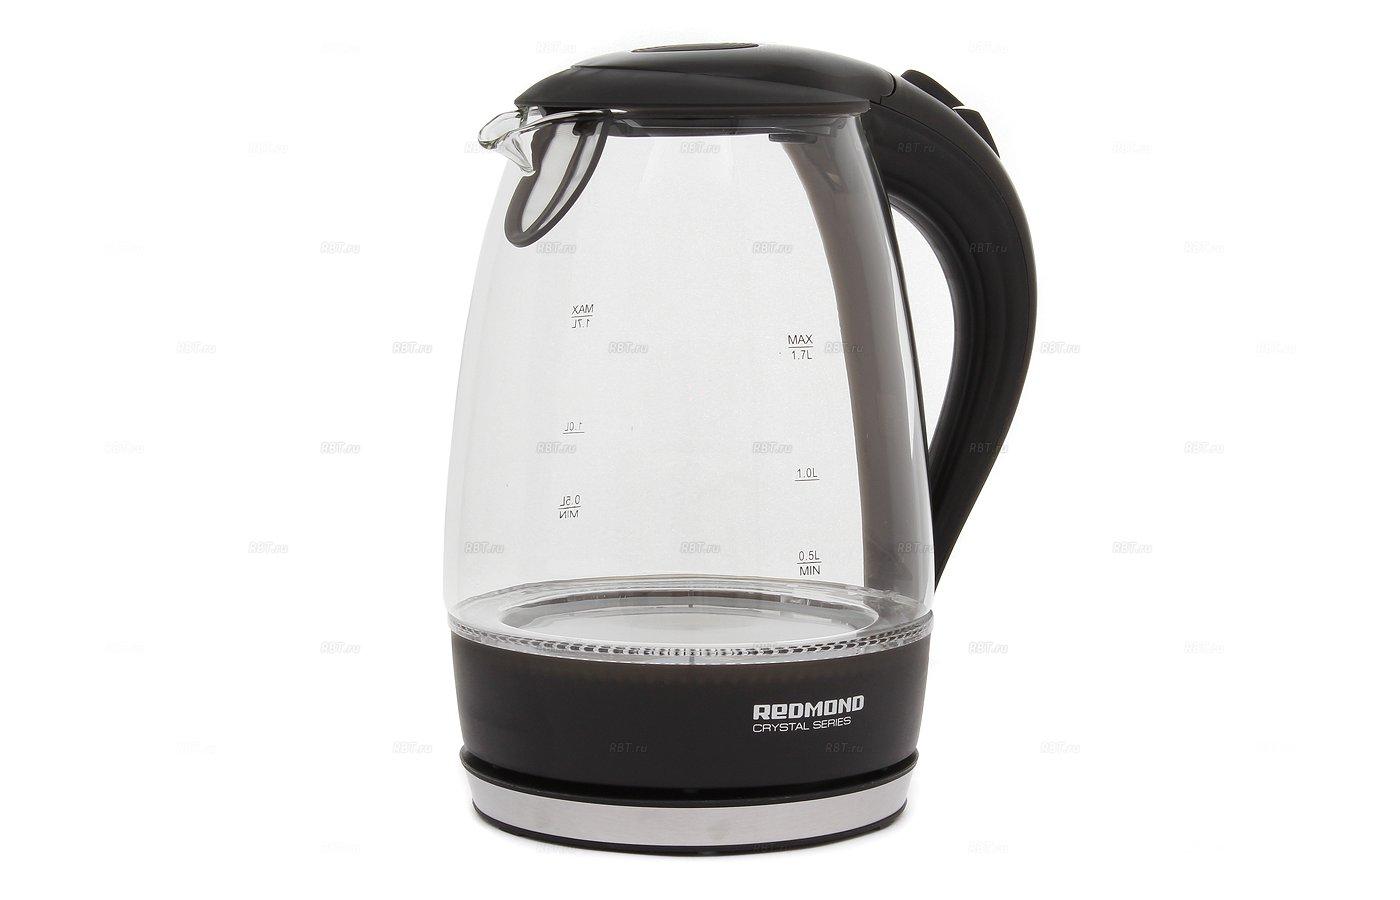 Чайник электрический REDMOND RK-G161 черный